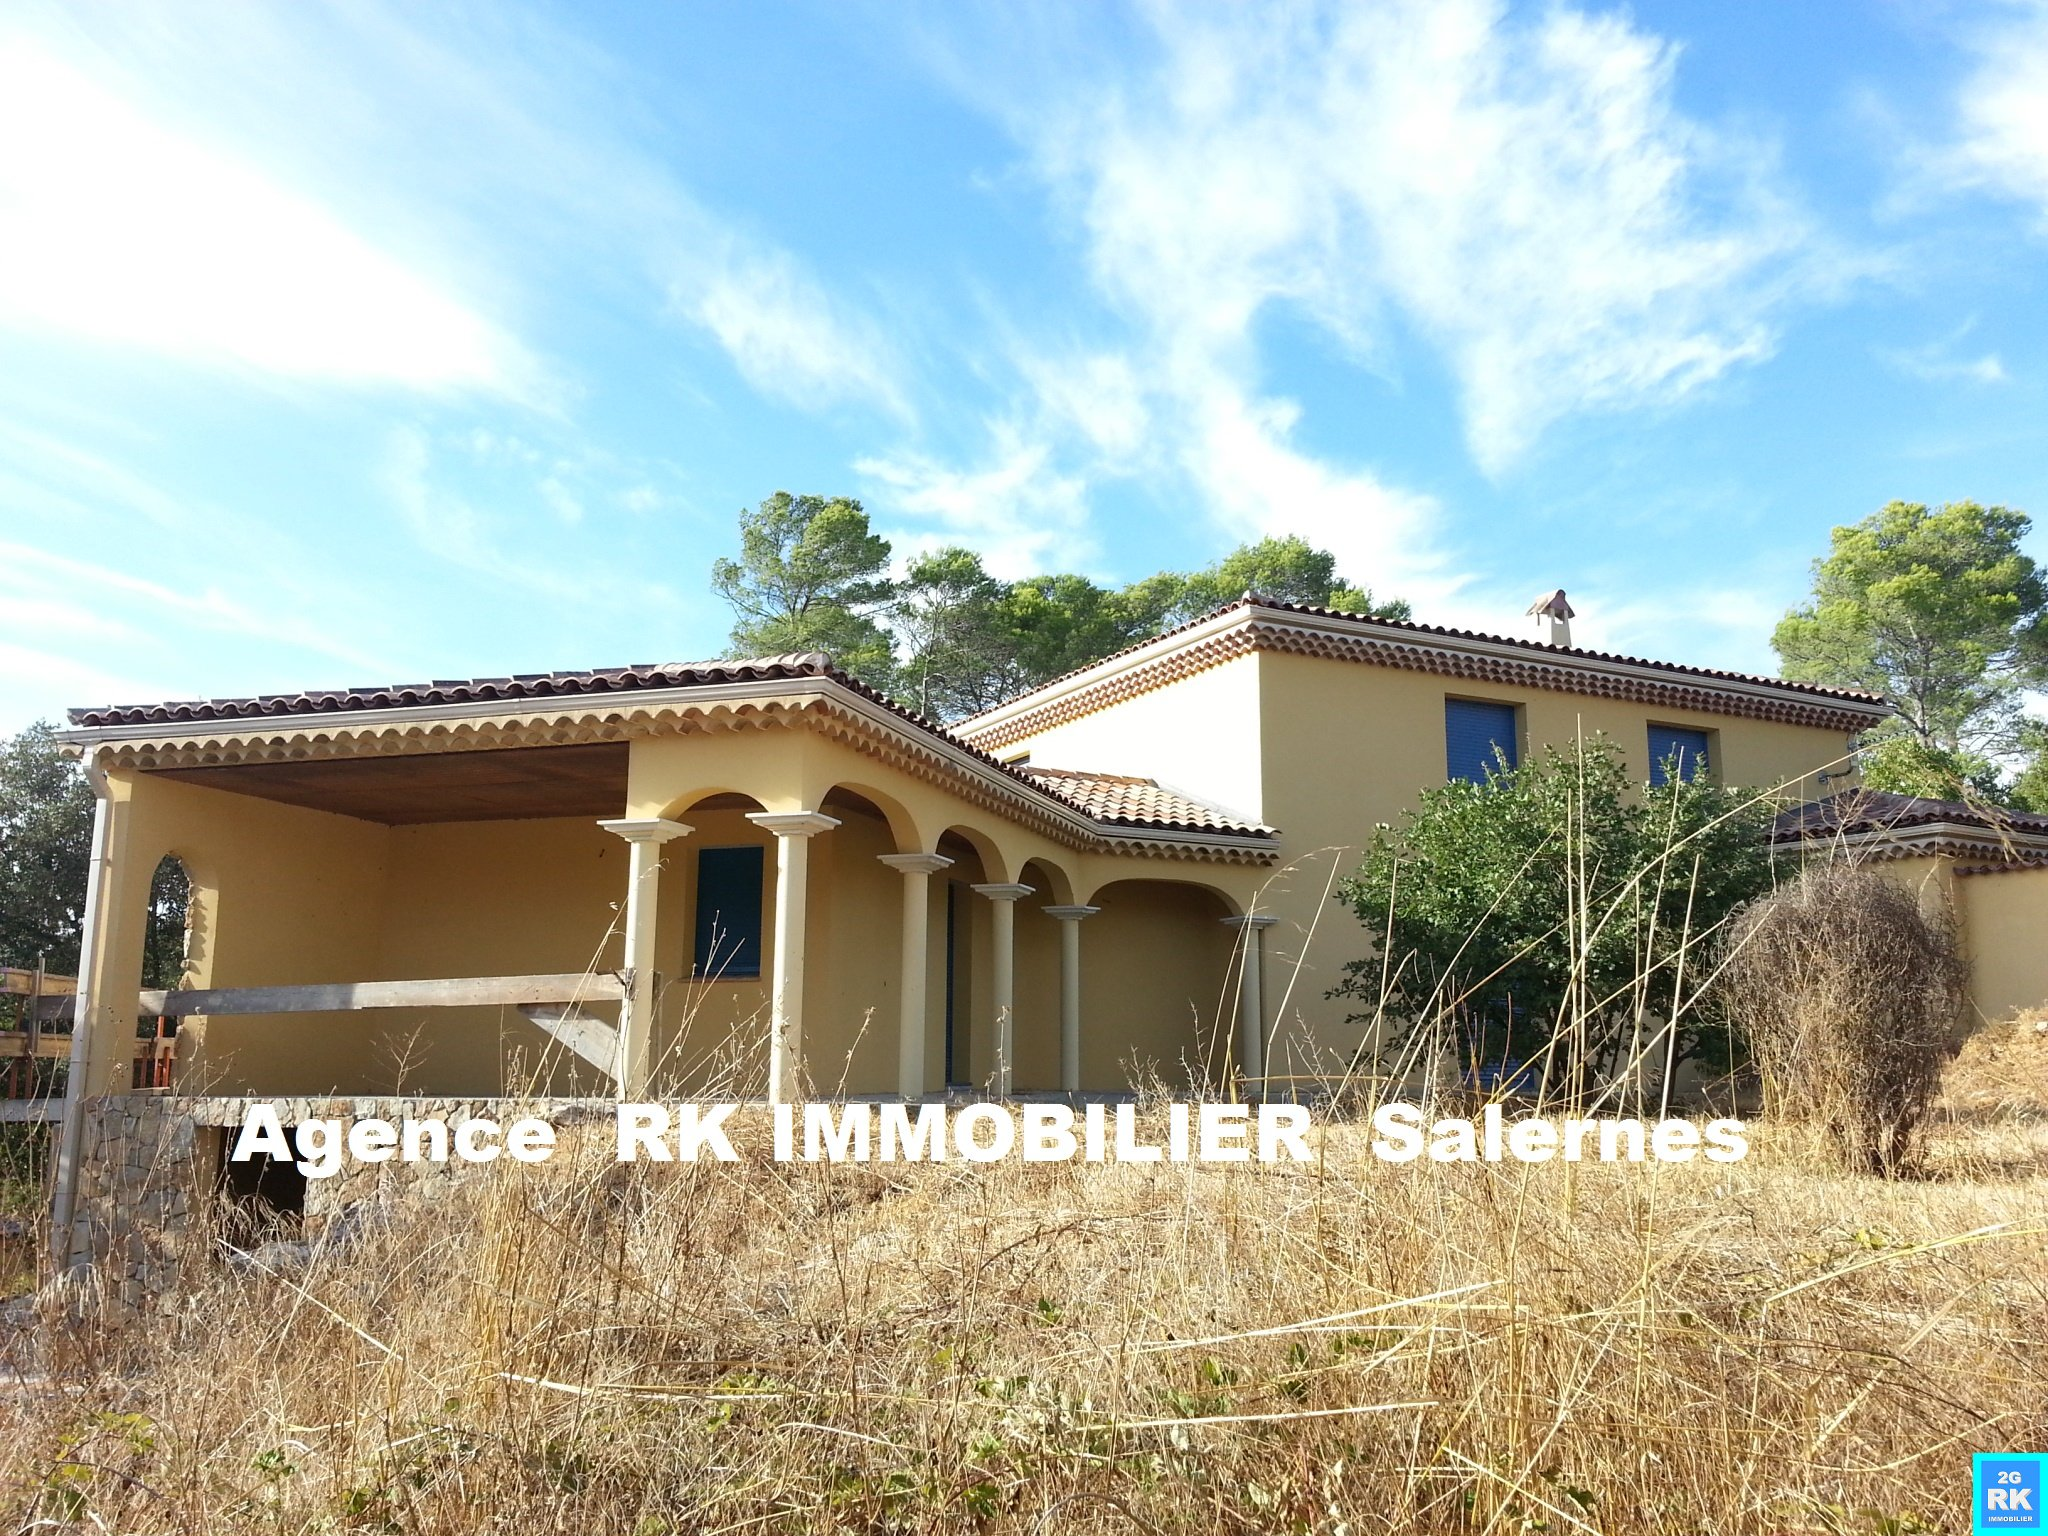 Jolie villa neuve Lorgues résidentiel.